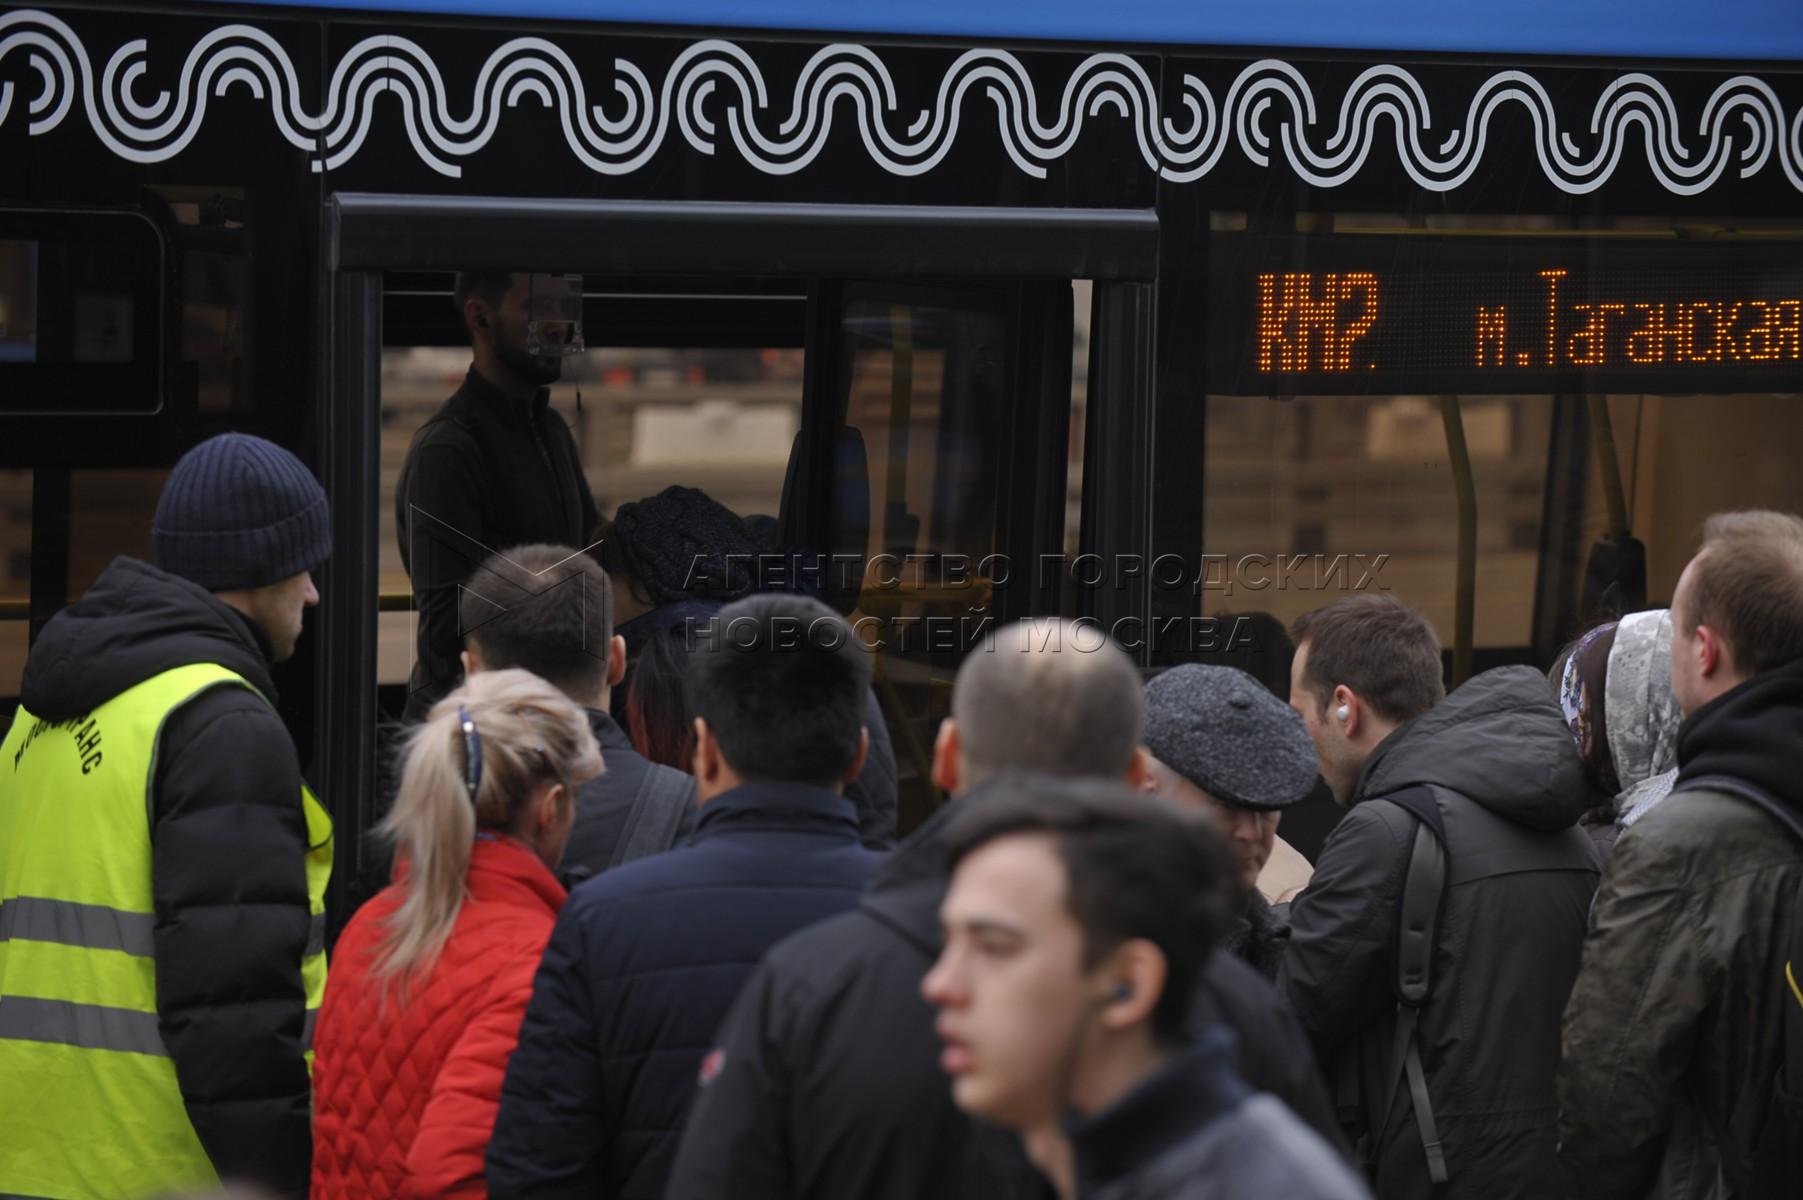 Работа бесплатных компенсационных автобусов в связи с закрытием участка Таганско-Краснопресненской линии между станциями «Пролетарская» и «Котельники» с 6 по 10 апреля из-за строительства Некрасовской линии метро.